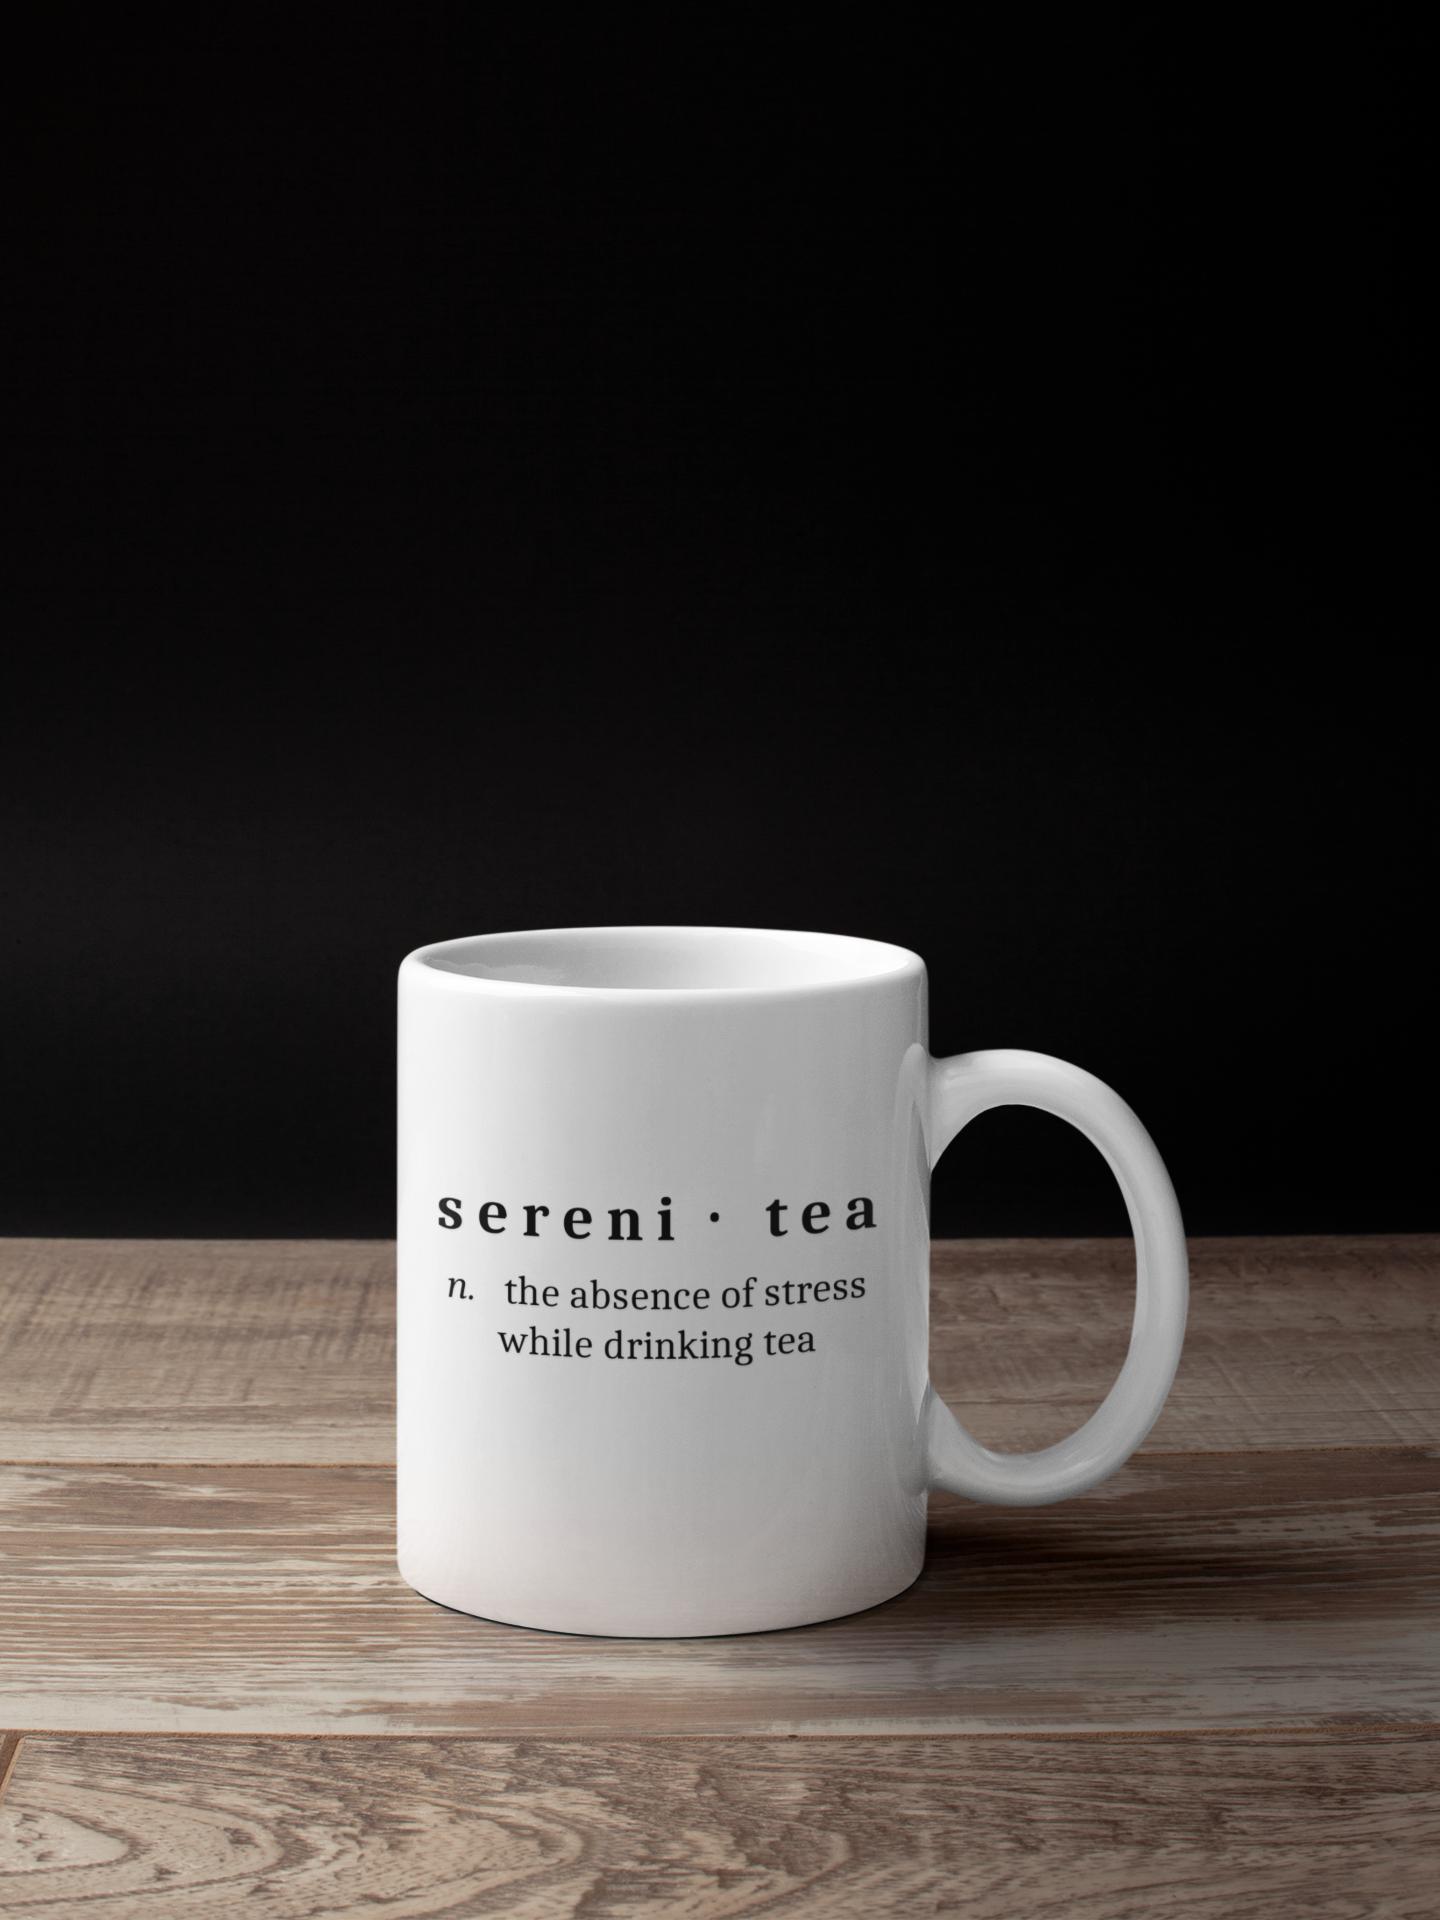 Serenitea Definition Mug Art By Amw